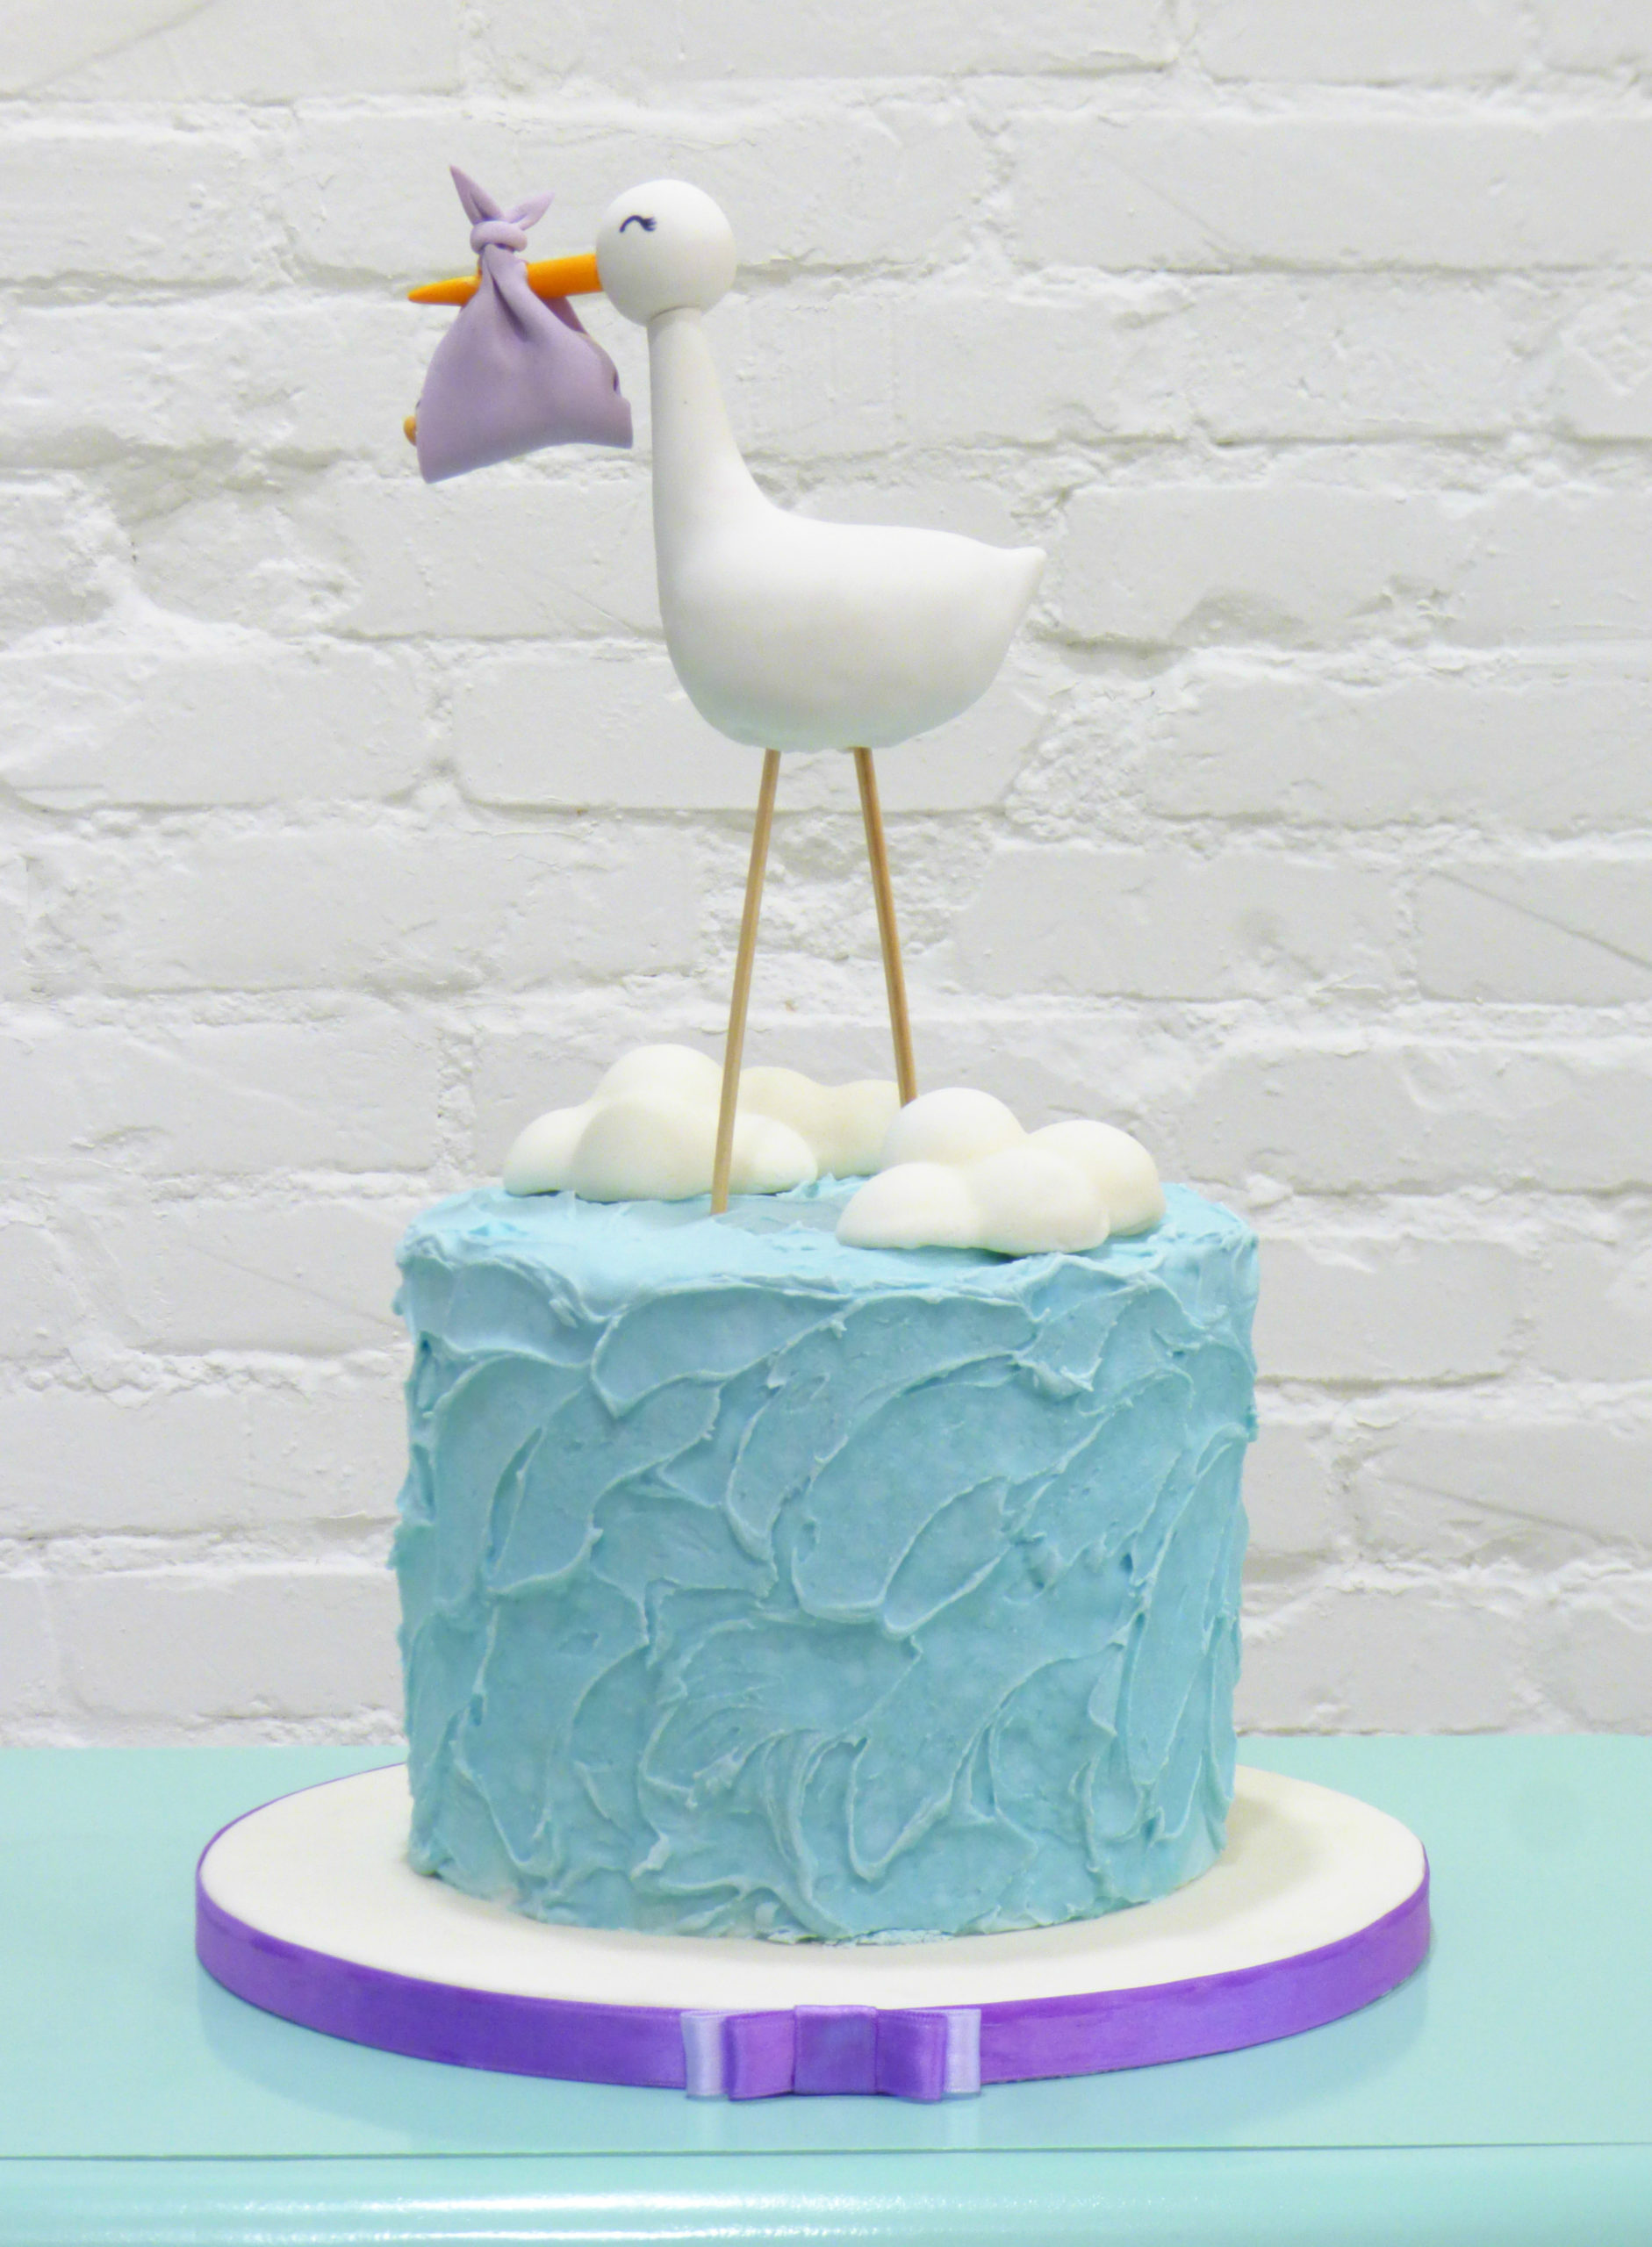 torta azzurra con cicogna fagotto neonato e nuvole